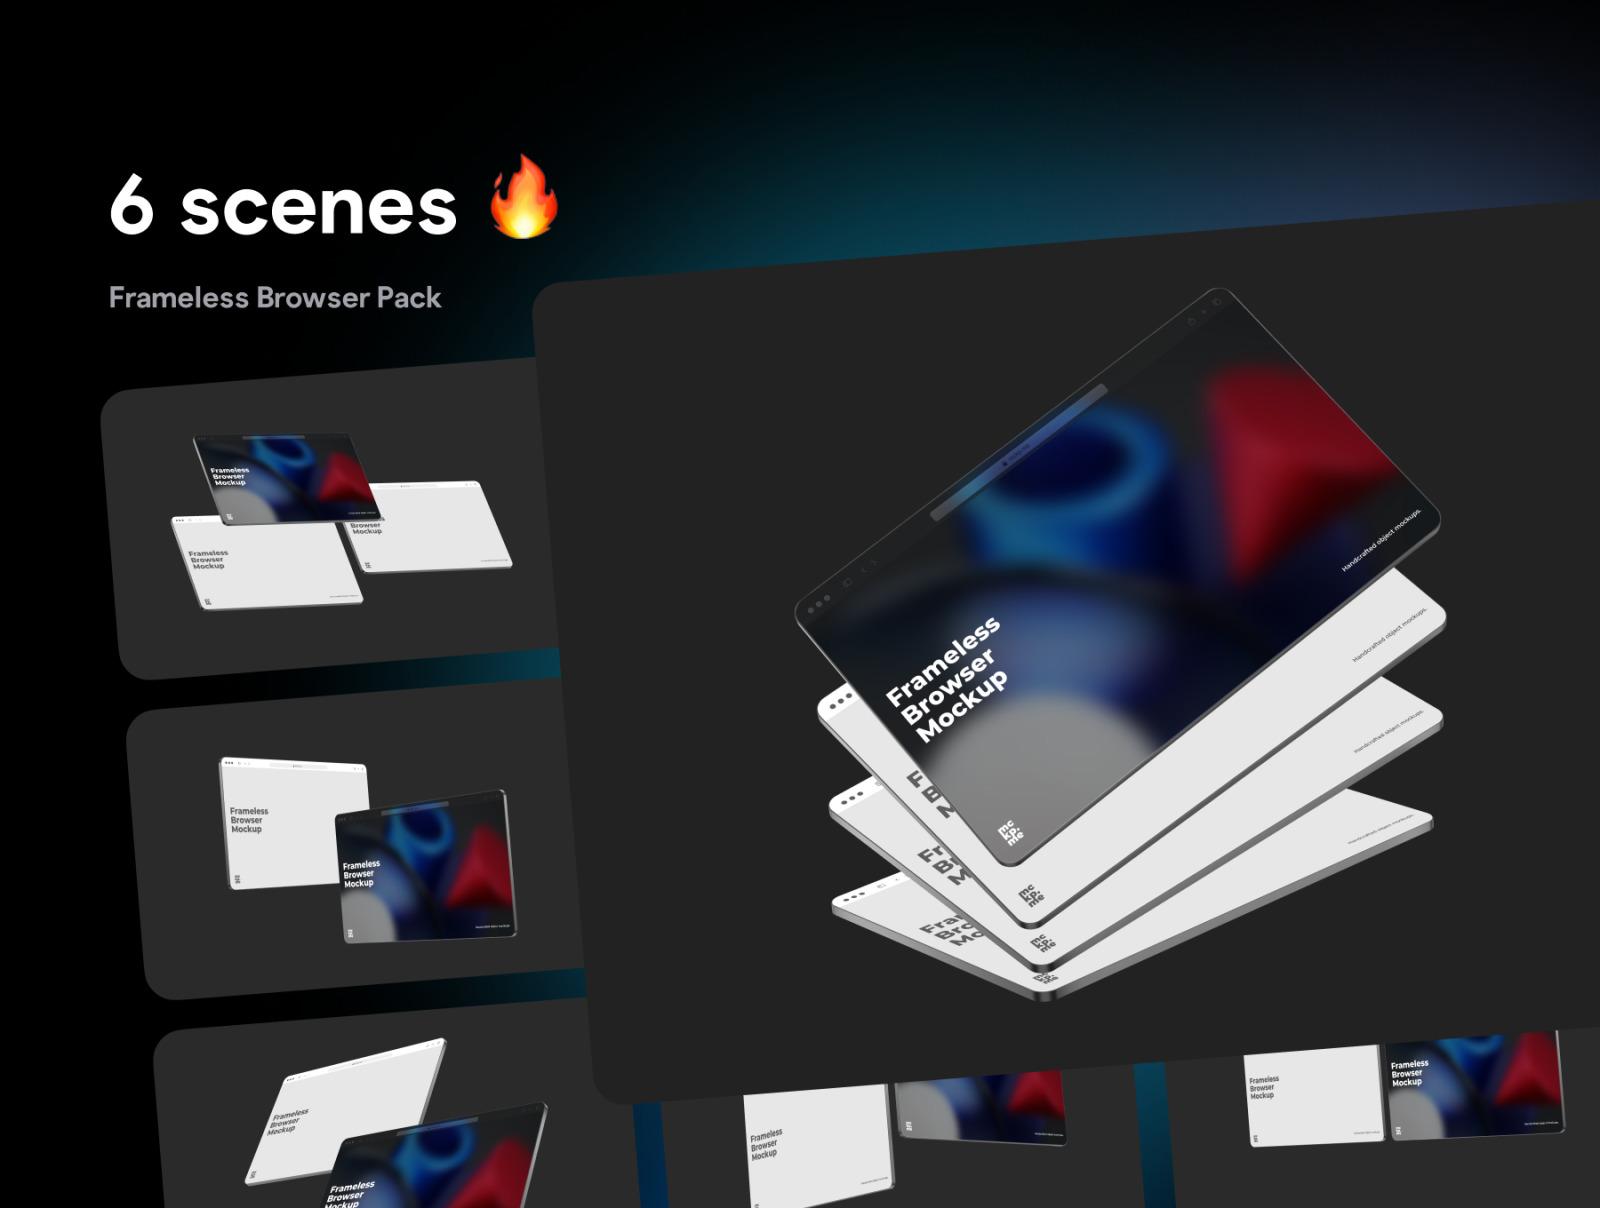 Frameless Browser Pack